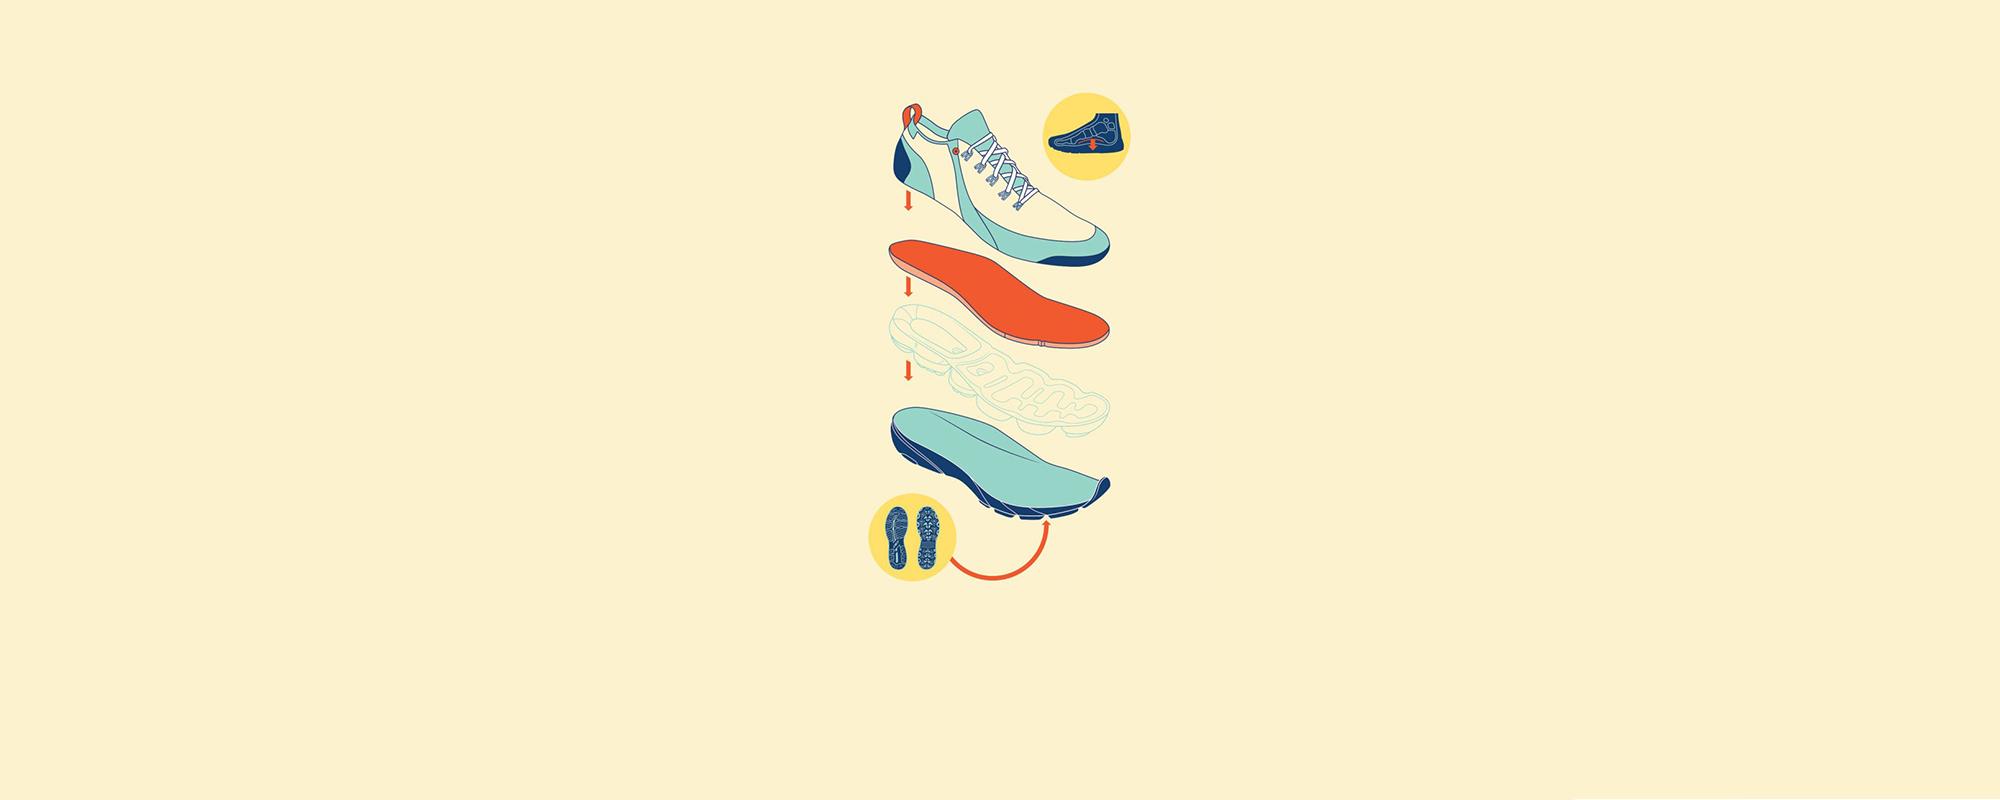 Comment choisir le drop des chaussures ? – Équipement course